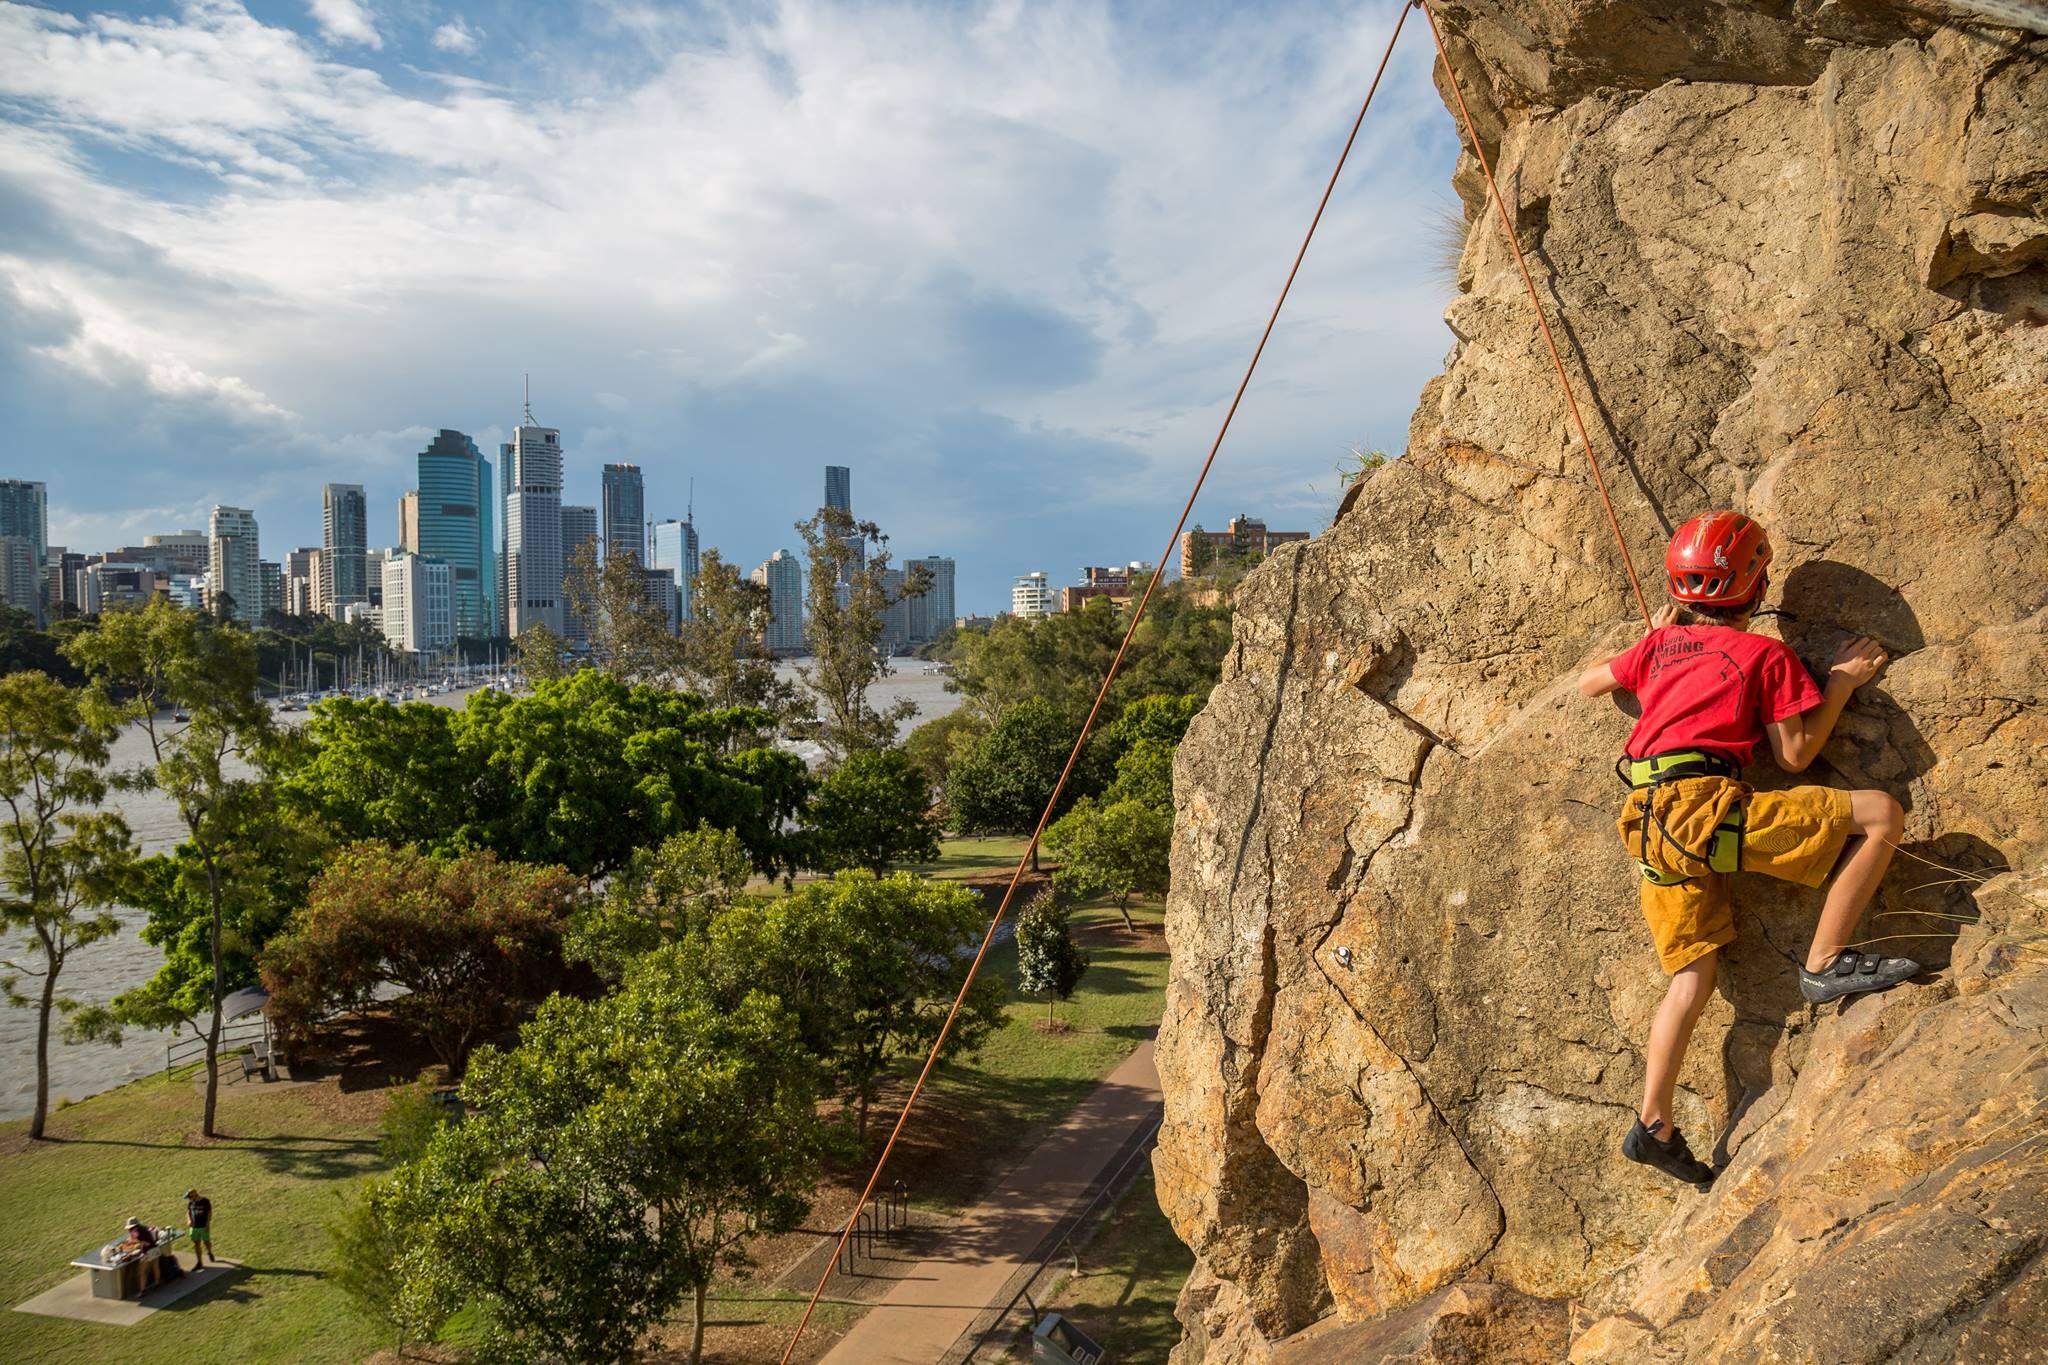 袋鼠角悬崖公园是摄影爱好者拍摄布里斯班风景的好去处,在这里可以将布里斯班河北岸繁华的市景、河上停泊的游艇、市立植物园中茂密的绿色植被尽入眼底。除了广阔的景致,袋鼠角悬崖还是一处在昆士兰州乃至整个澳大利亚都很有名的攀岩胜地。